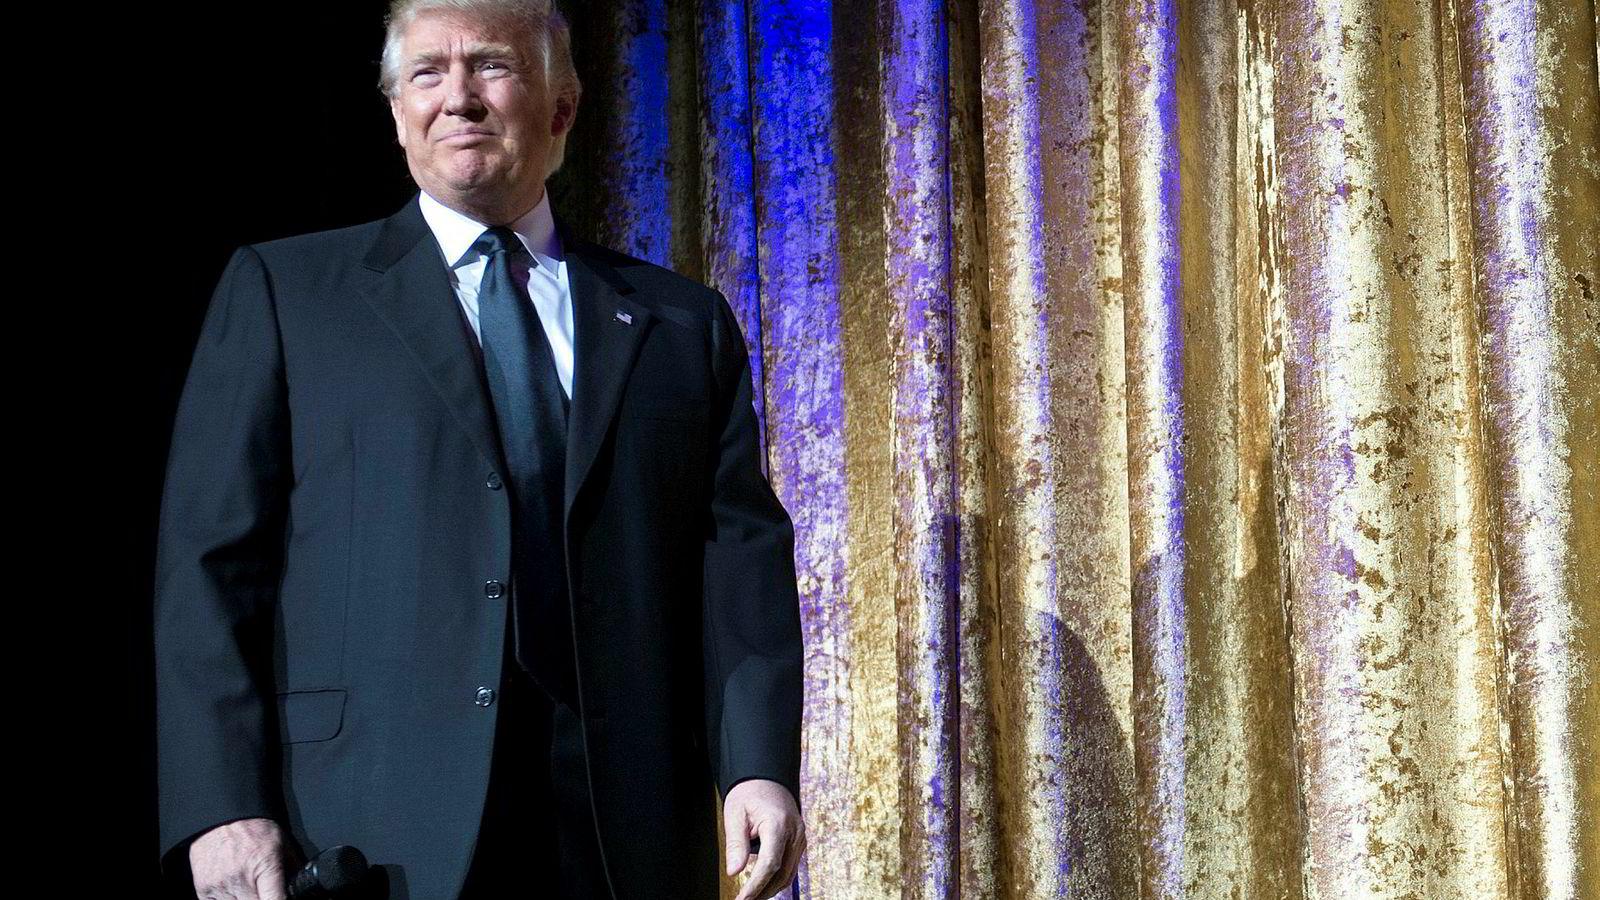 Det er grunn til å spørre om Trump og hans utvalgte skjønner alvoret av det spillet de nå antyder, skriver artikkelforfatteren.